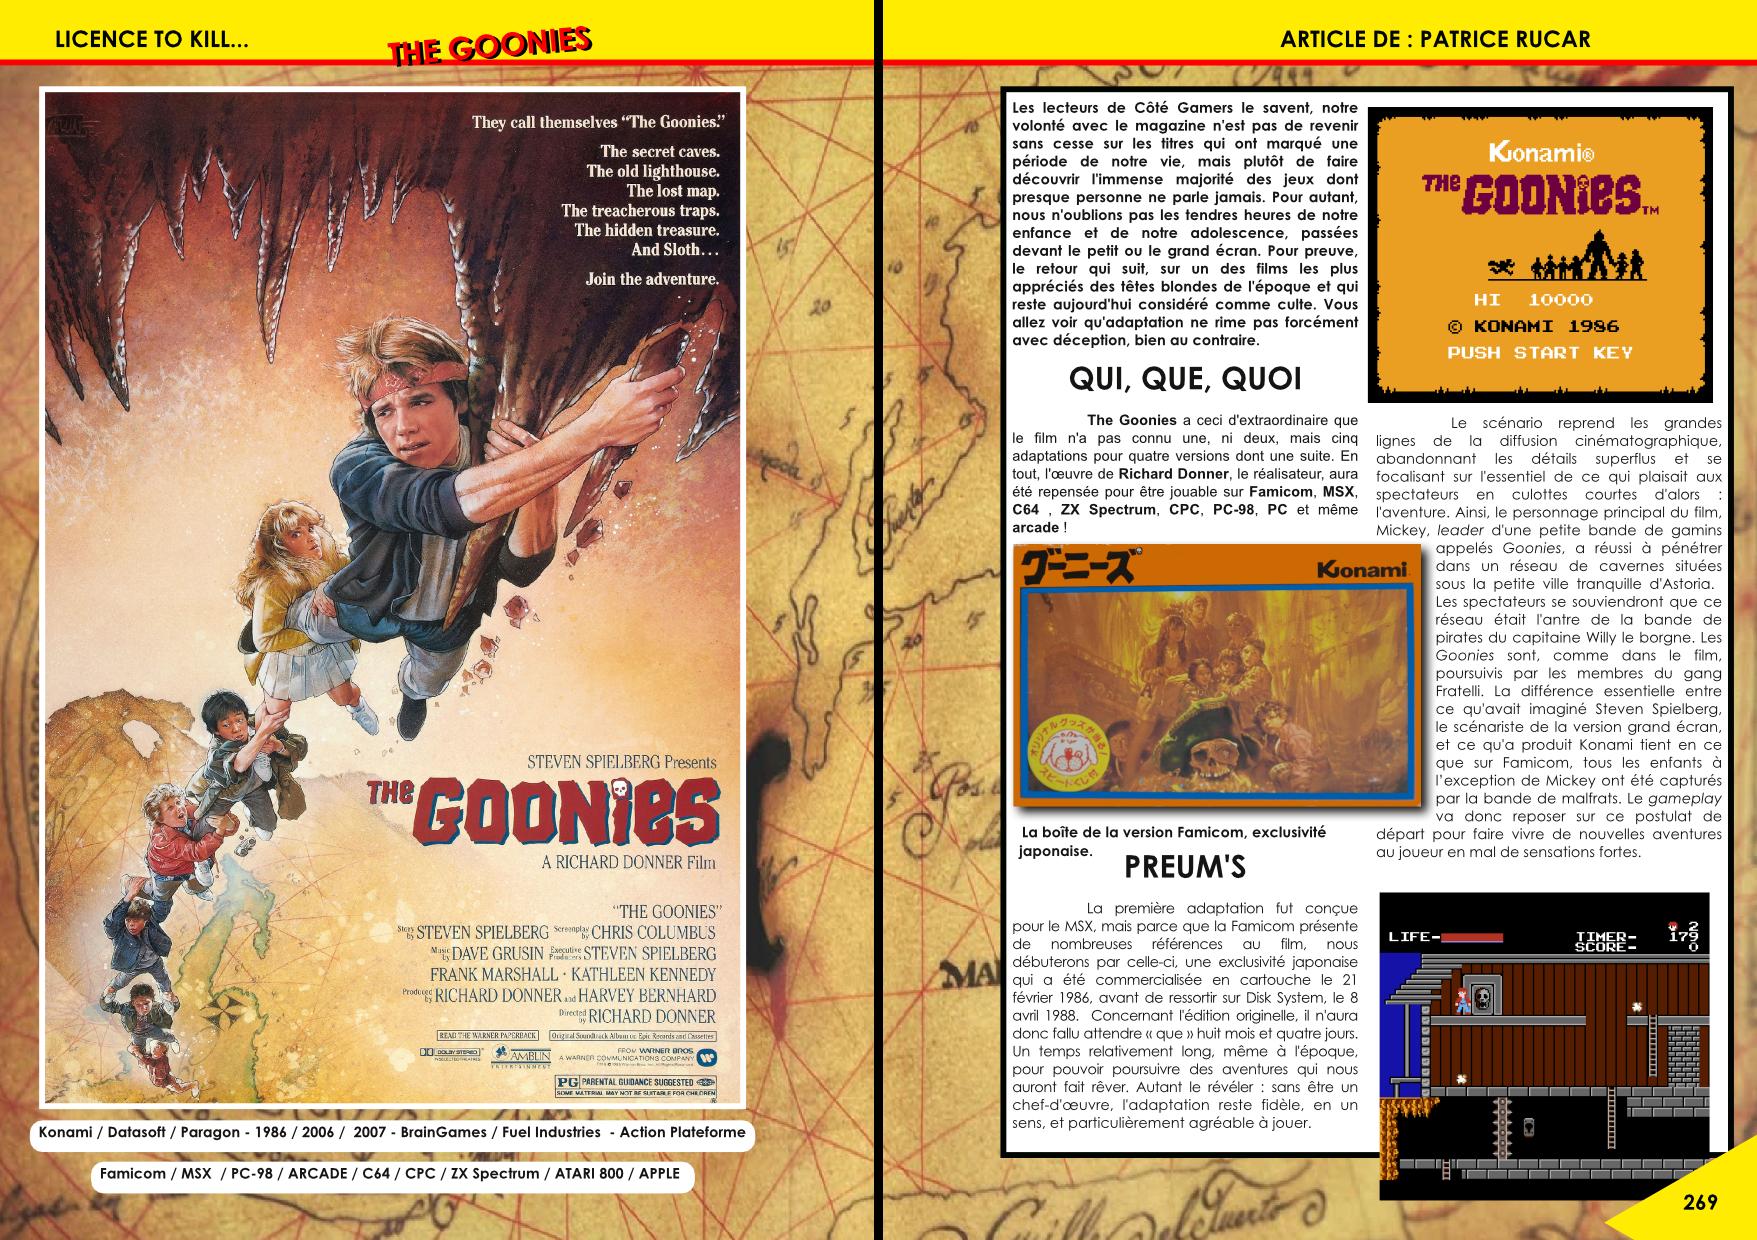 Goonies sur MSX, NES, Arcade, CPC, C64, ZX Spectrum, PC88, Atari 800 article de Côté Gamers